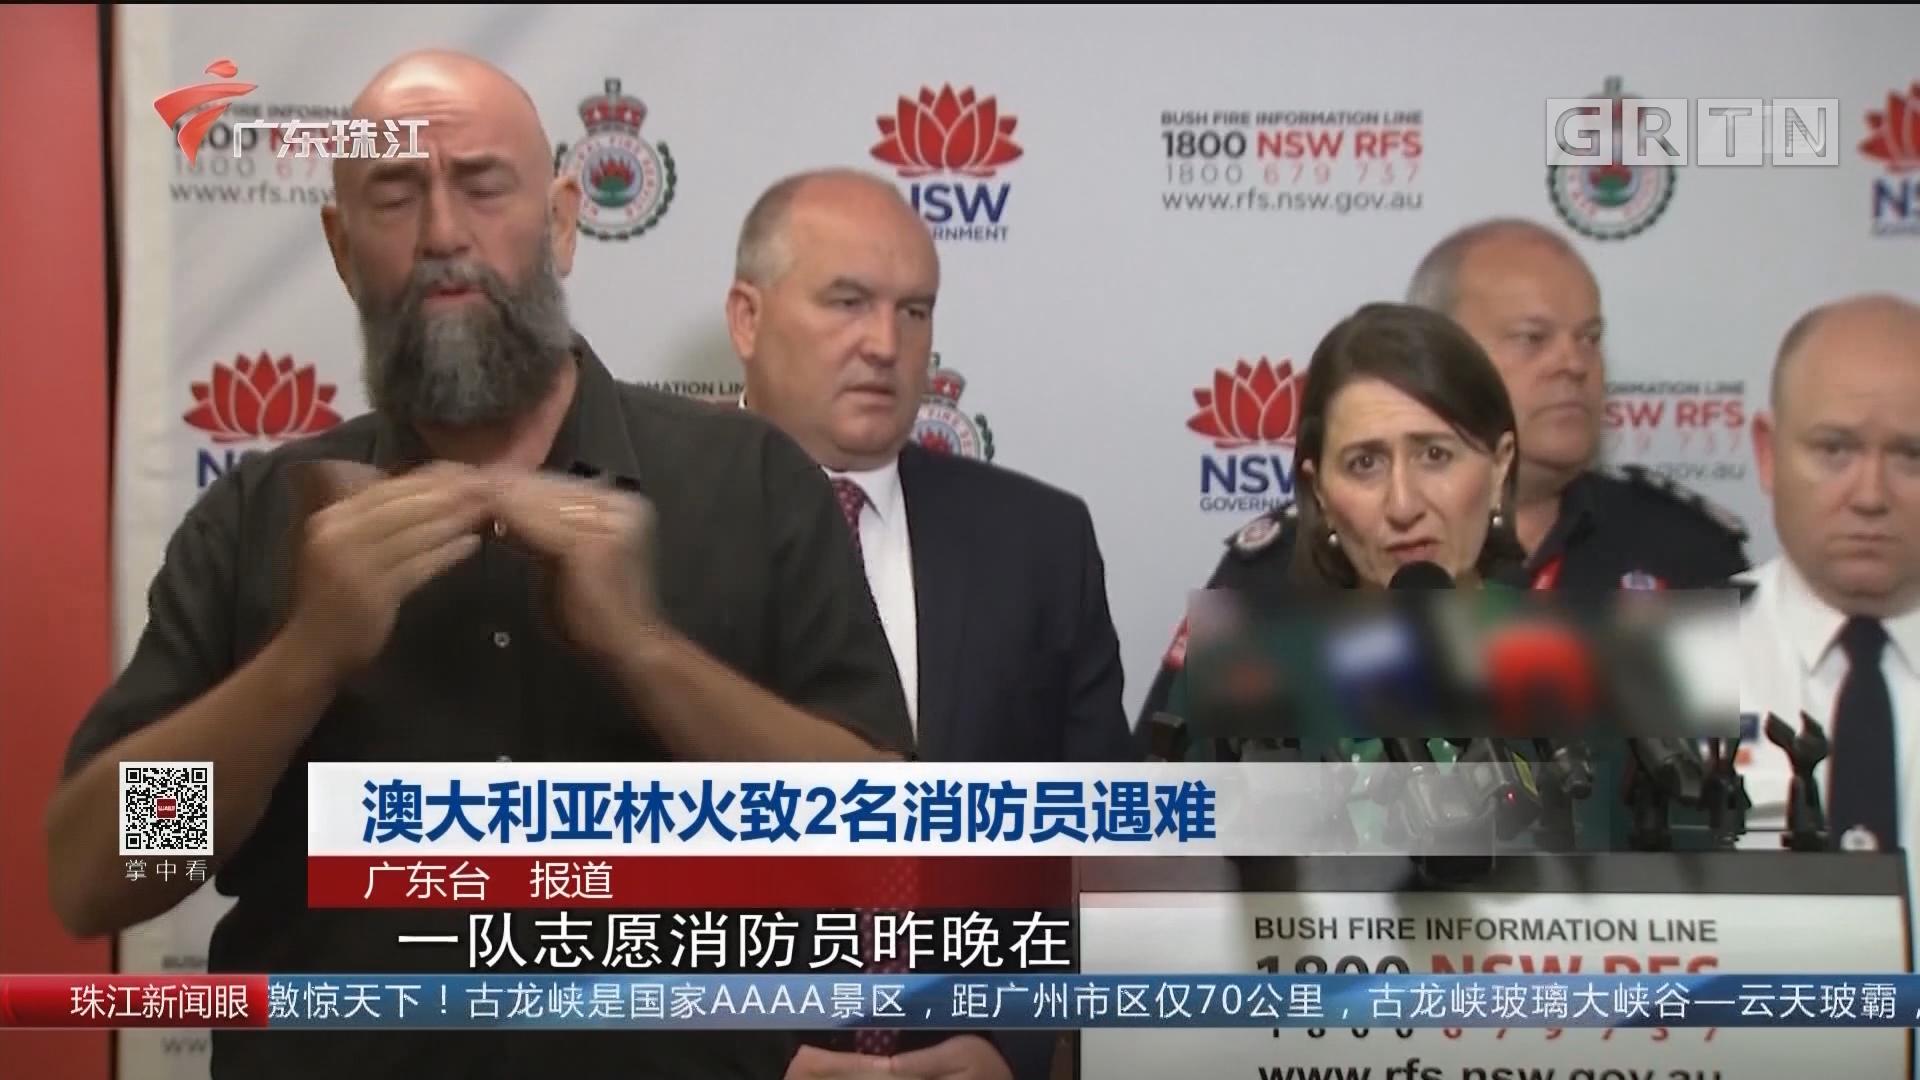 澳大利亚林火致2名消防员遇难